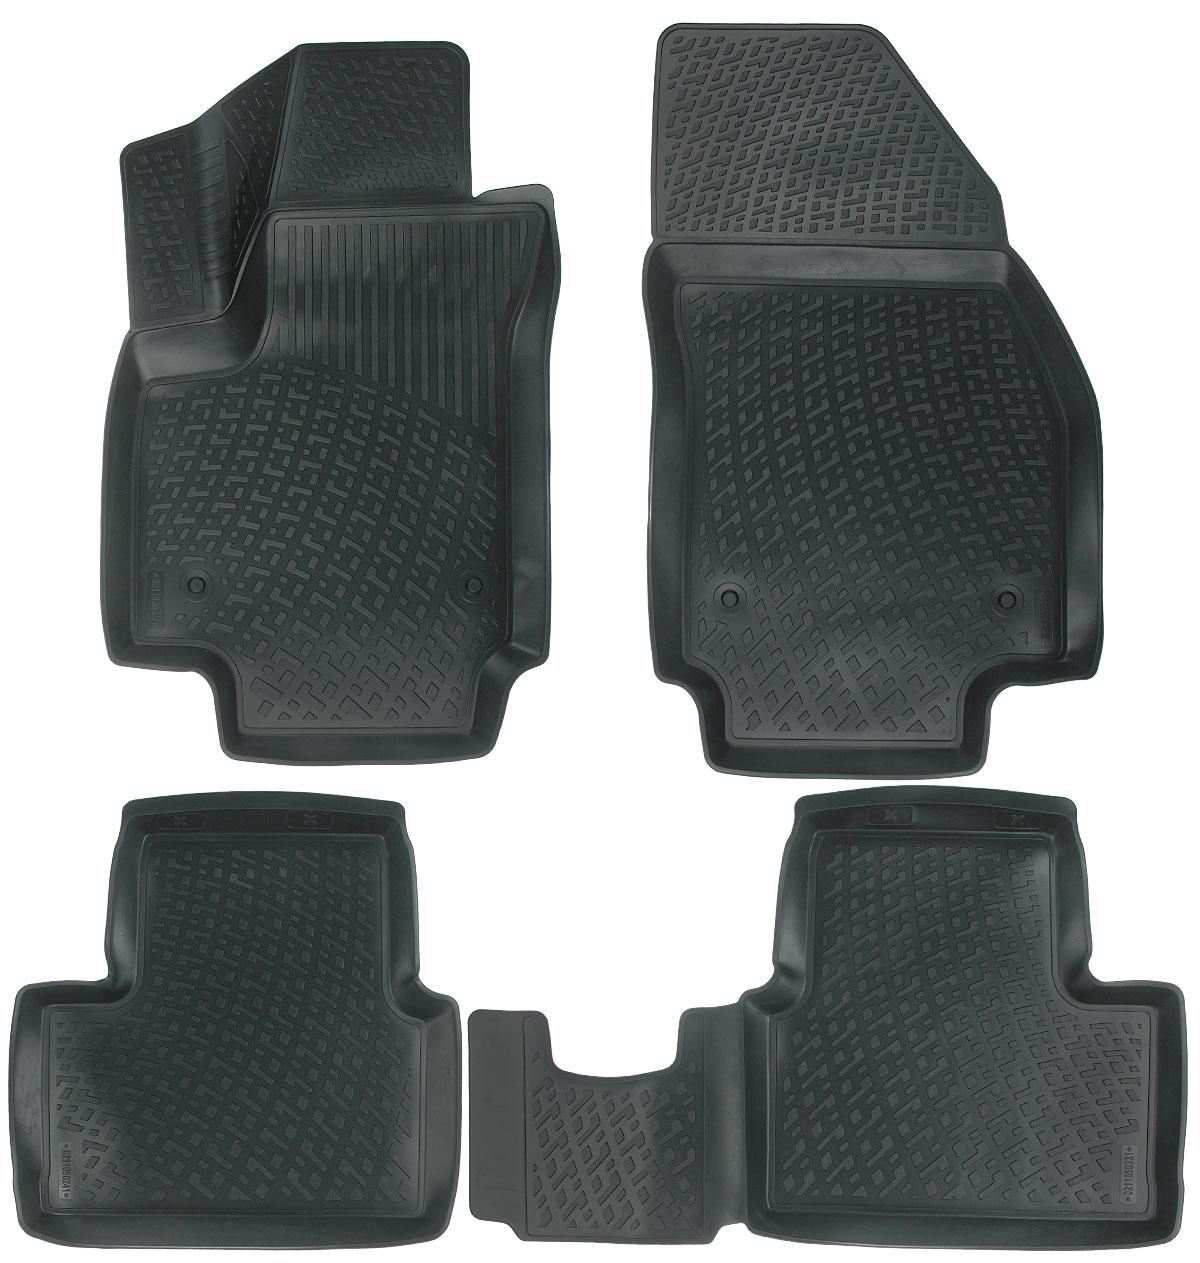 Набор автомобильных ковриков L.Locker Opel Meriva B 2010, в салон, 4 шт0211050201Набор L.Locker Opel Meriva B 2010, изготовленный из полиуретана, состоит из 4 антискользящих 3D ковриков, которые производятся индивидуально для каждой модели автомобиля. Изделие точно повторяет геометрию пола автомобиля, имеет высокий борт, обладает повышенной износоустойчивостью, лишено резкого запаха и сохраняет свои потребительские свойства в широком диапазоне температур от -50°С до +50°С.Комплектация: 4 шт.Размер ковриков: 91 см х 53,5 см; 53 см х 86 см; 53 см х 54 см; 53 см х 86 см.